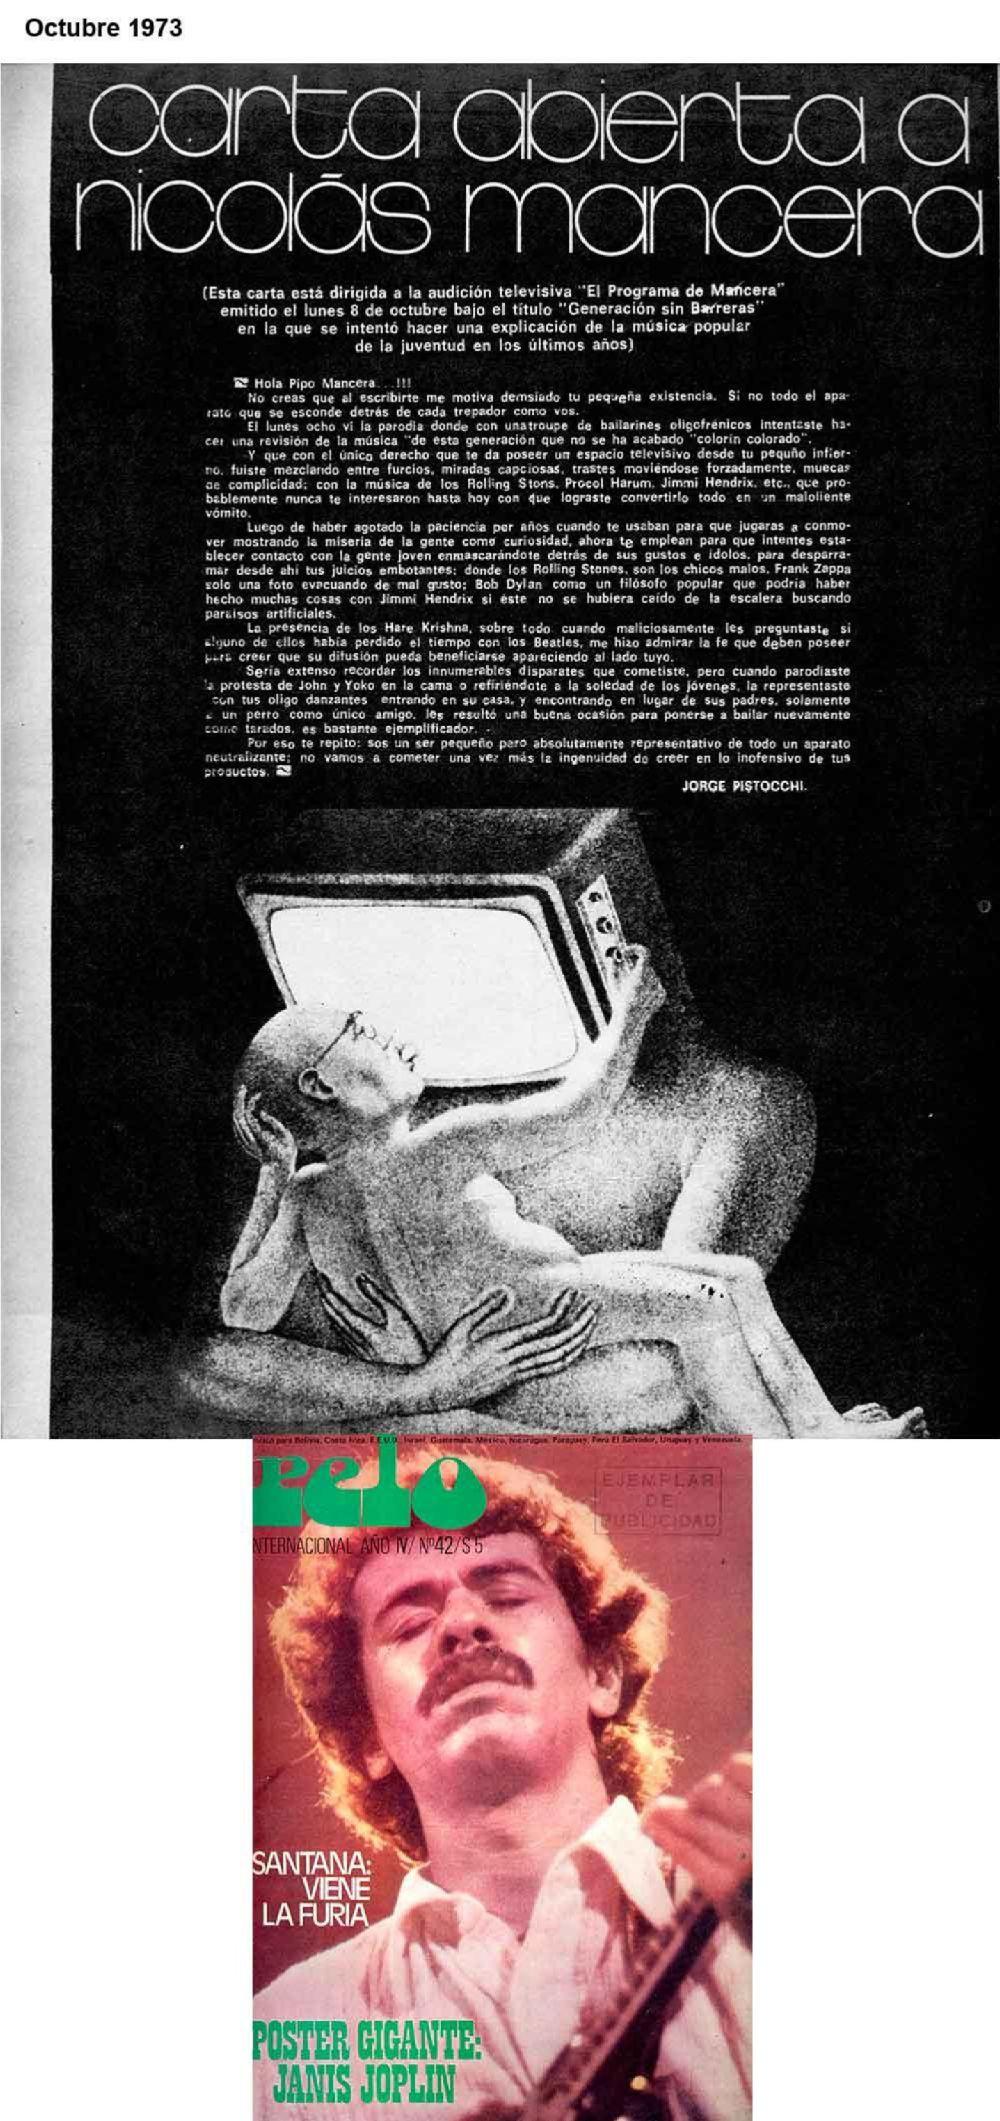 pelo_Page_21.jpg